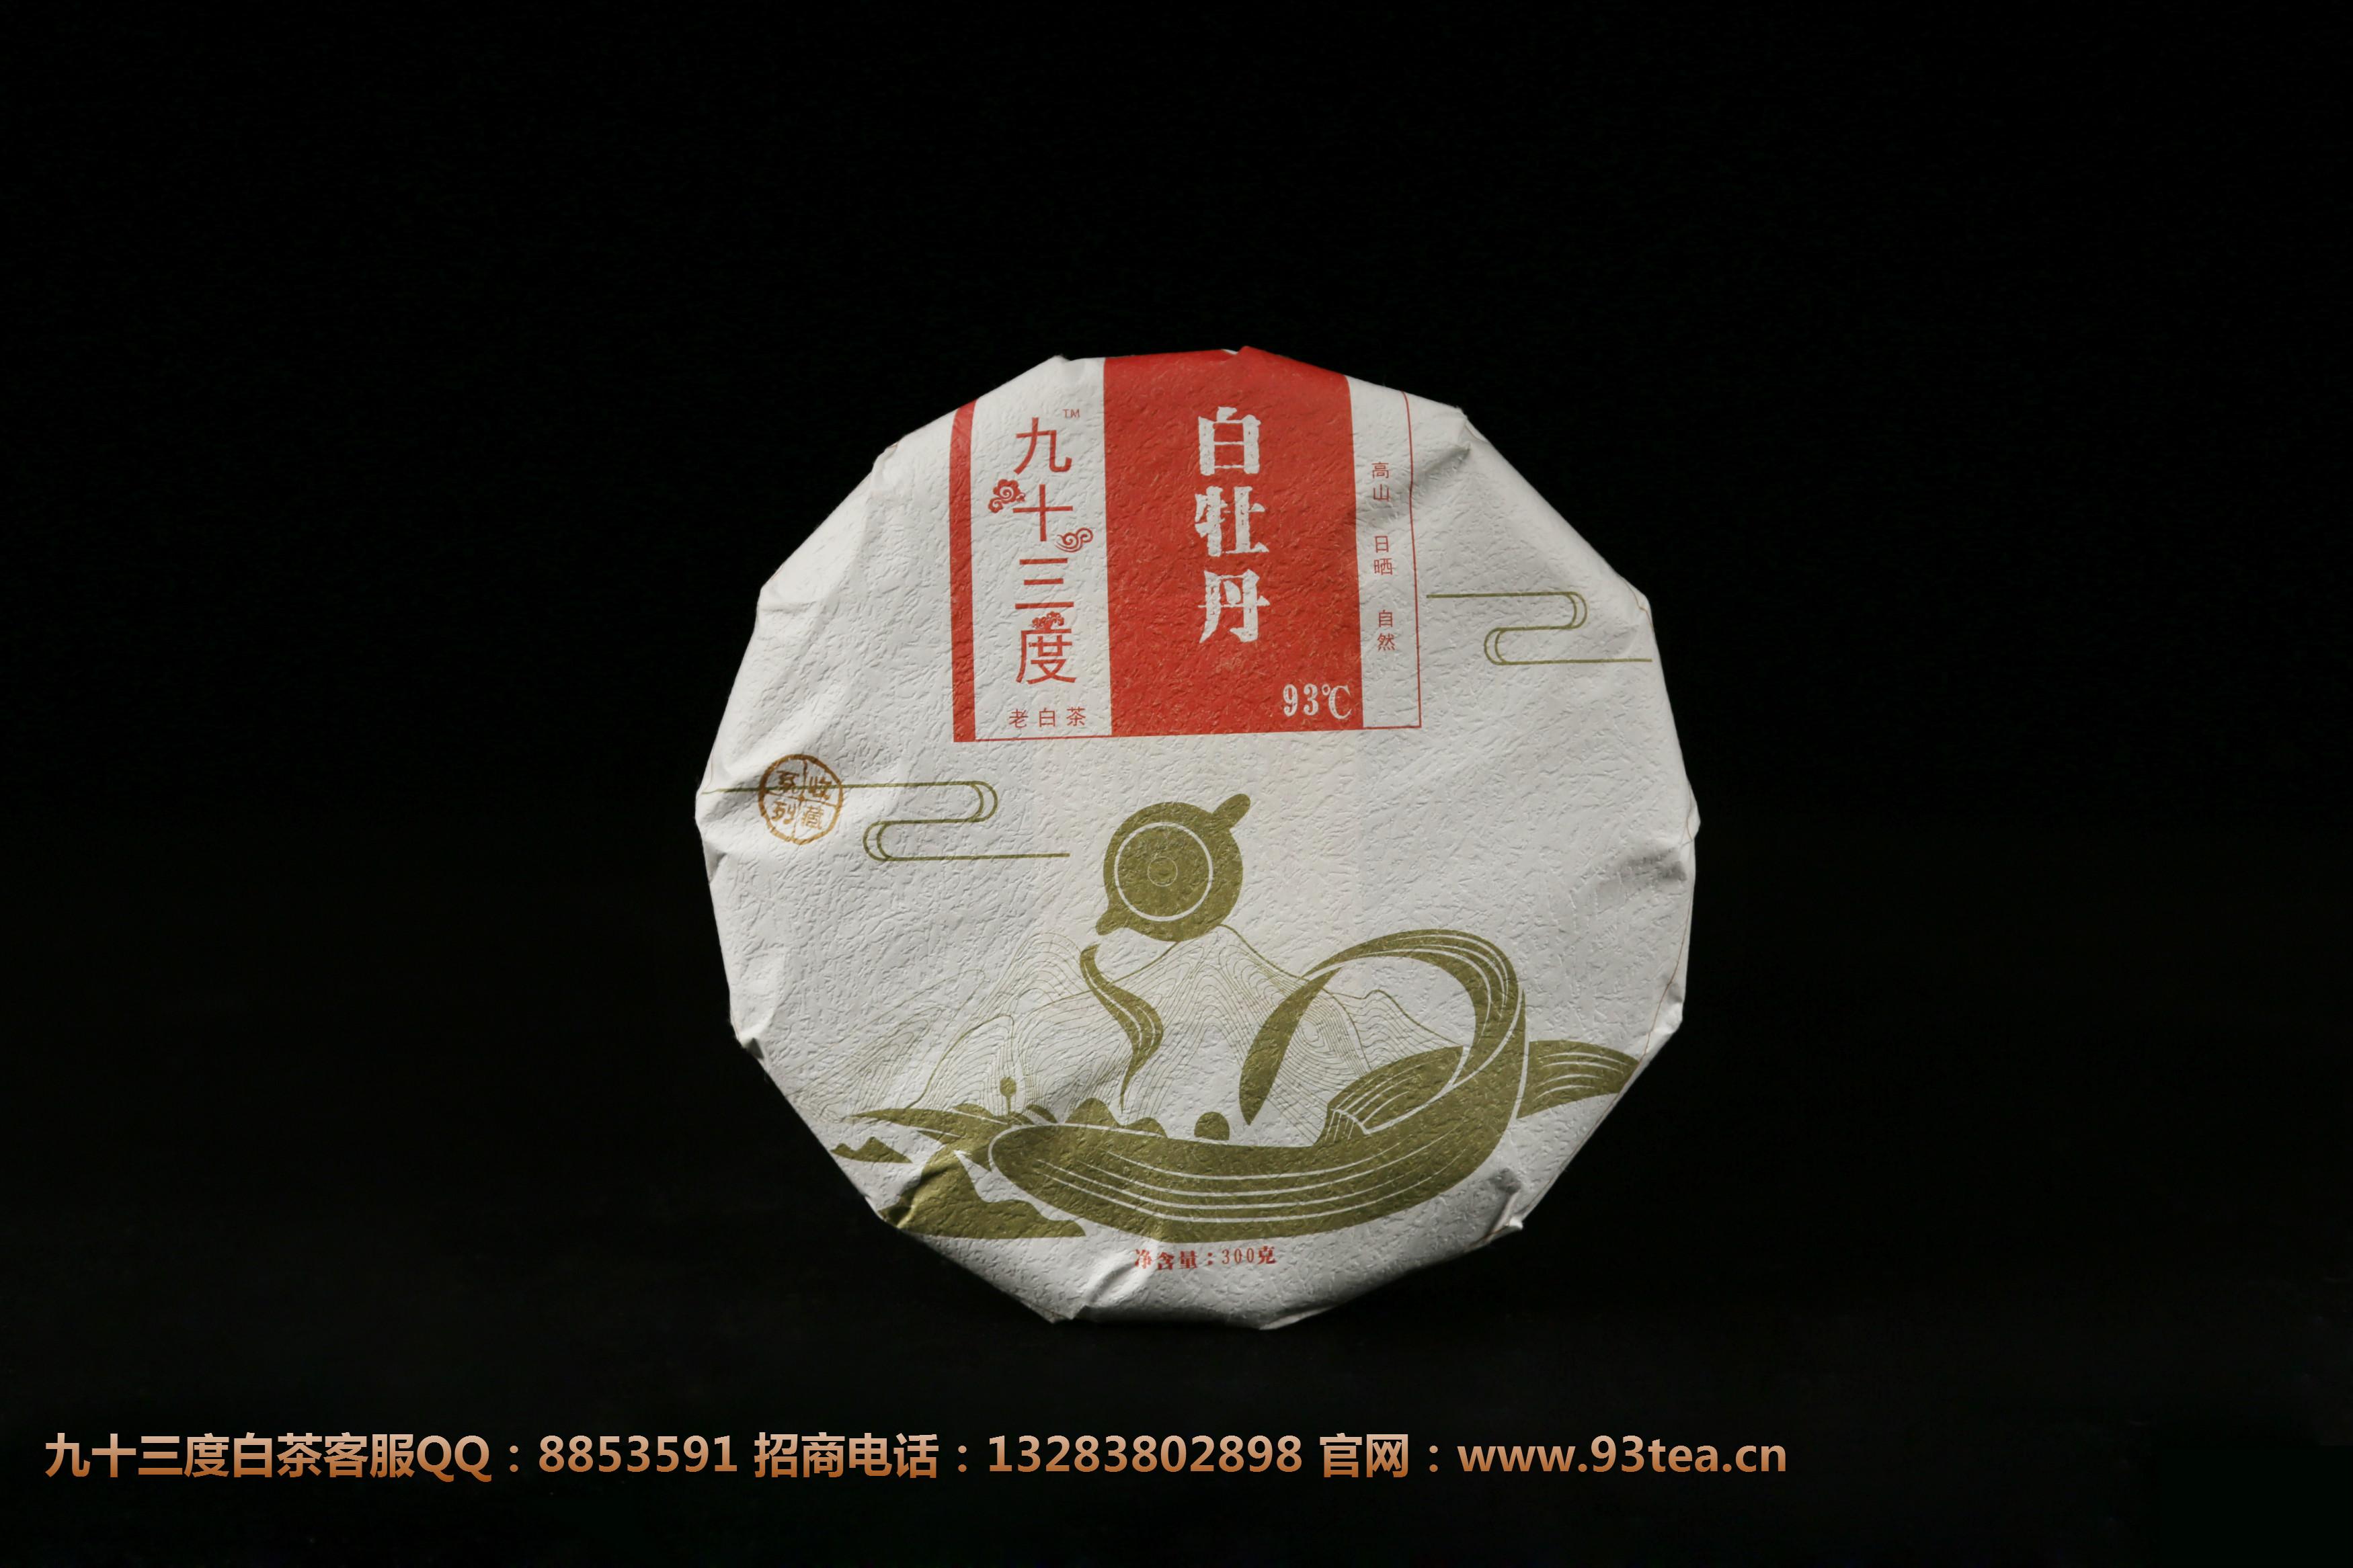 过年送礼还送脑白金? 九十三度老白茶:换个养生法